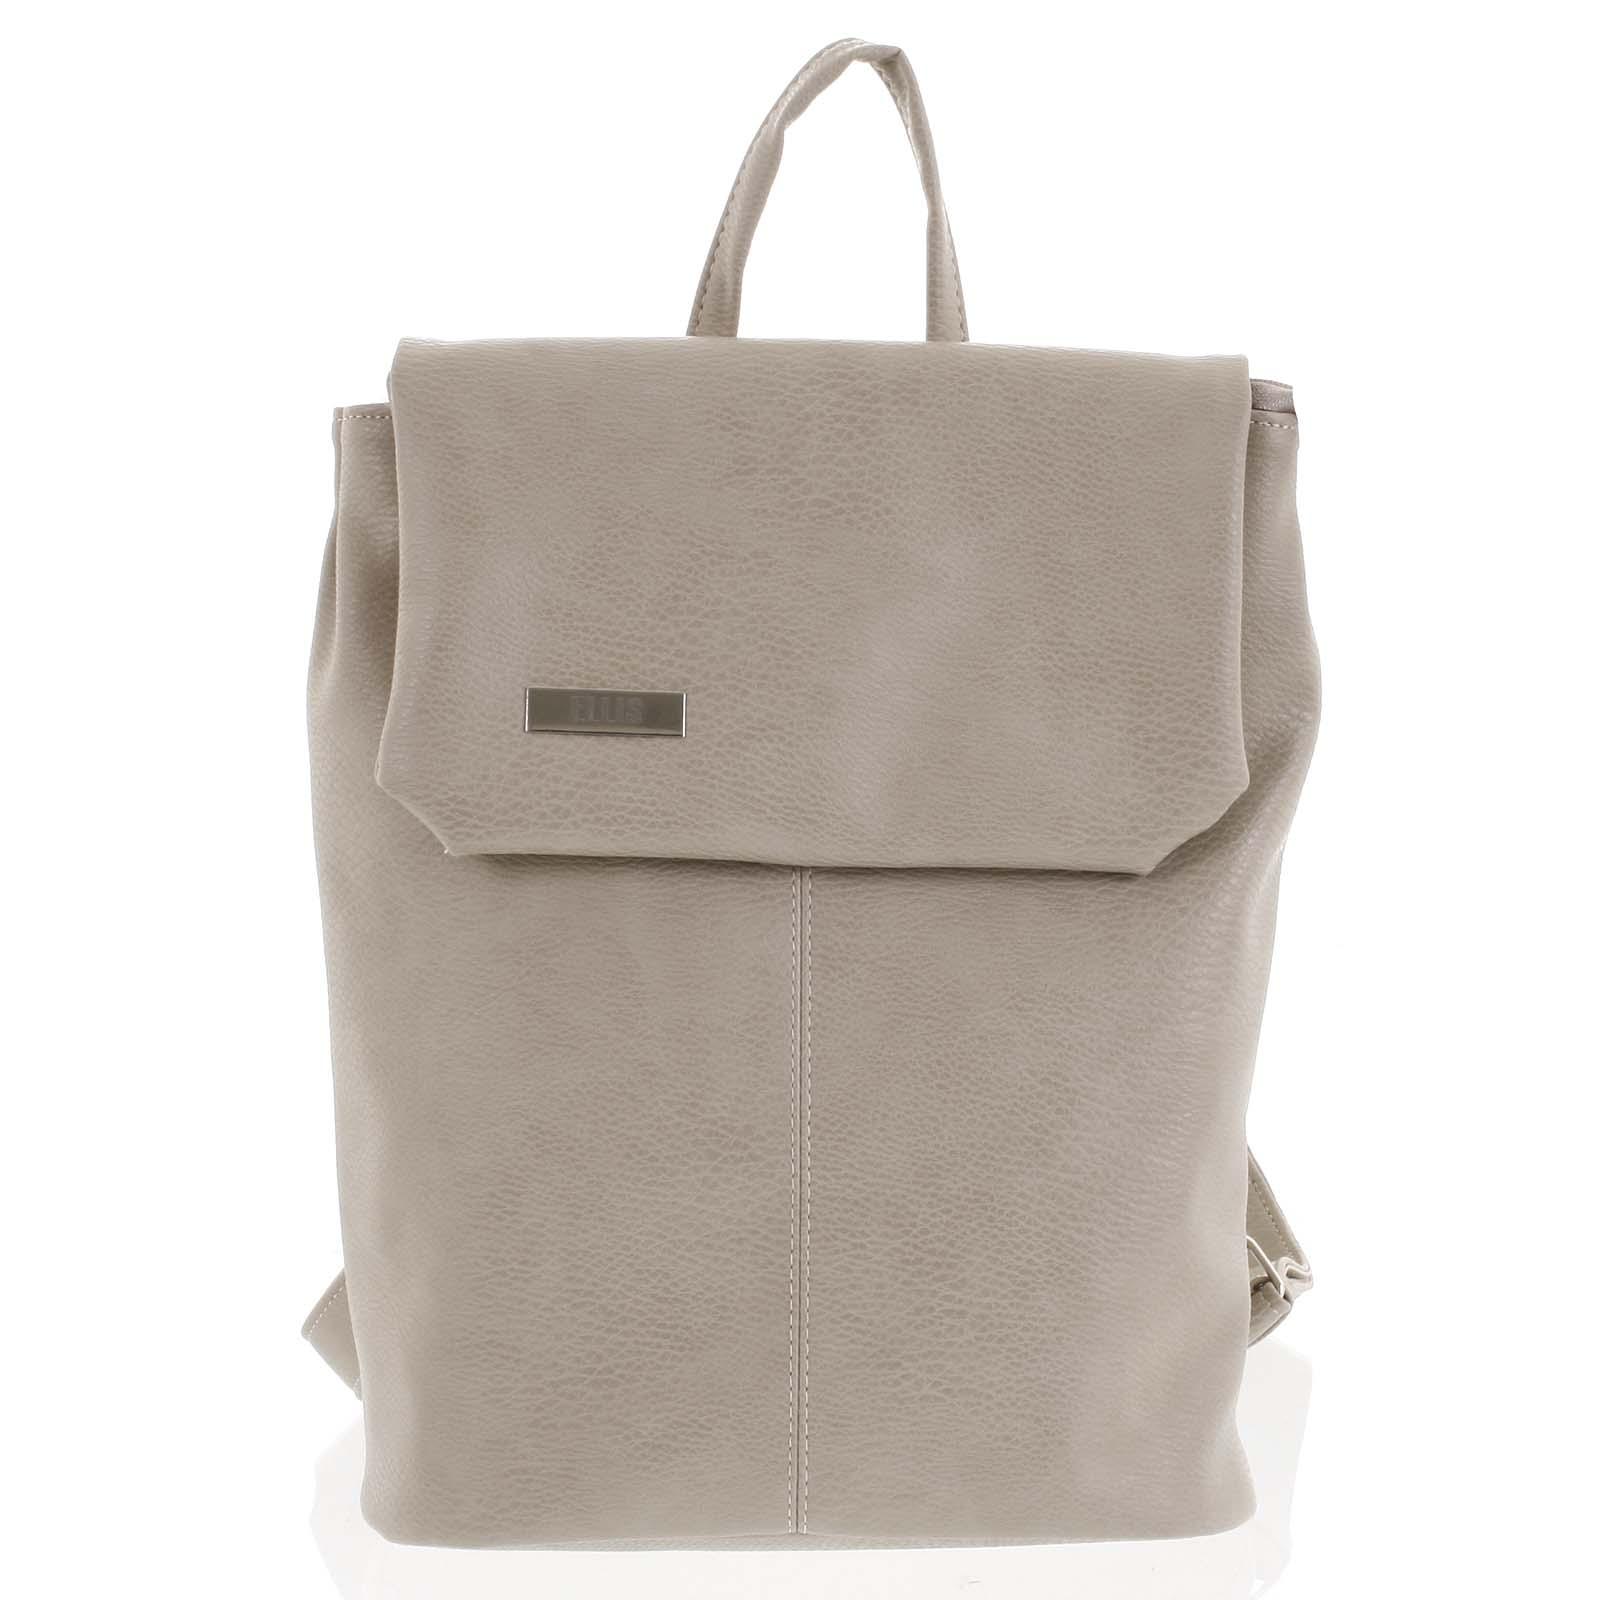 Větší měkký dámský moderní tmavě béžový batoh - Ellis Elizabeth JR